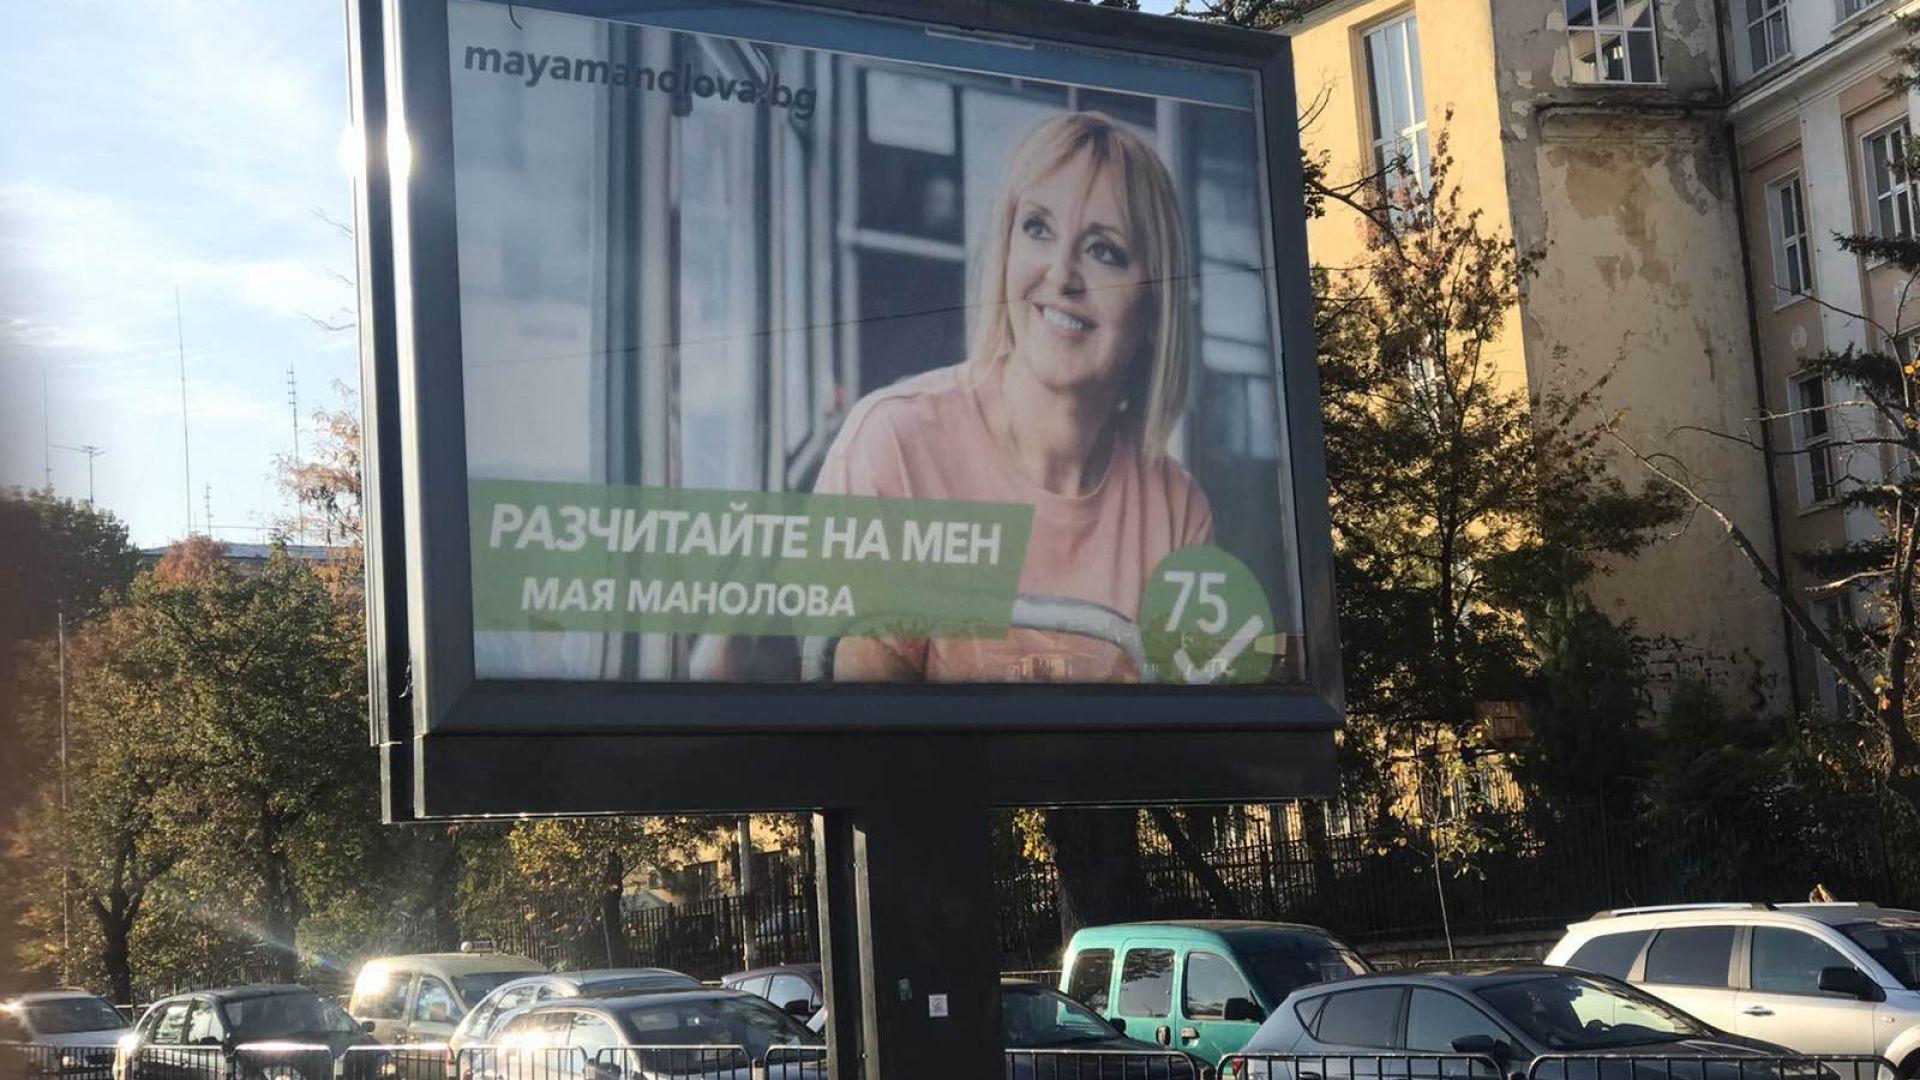 Дебатът между Фандъкова и Манолова намери продължение в... билборд